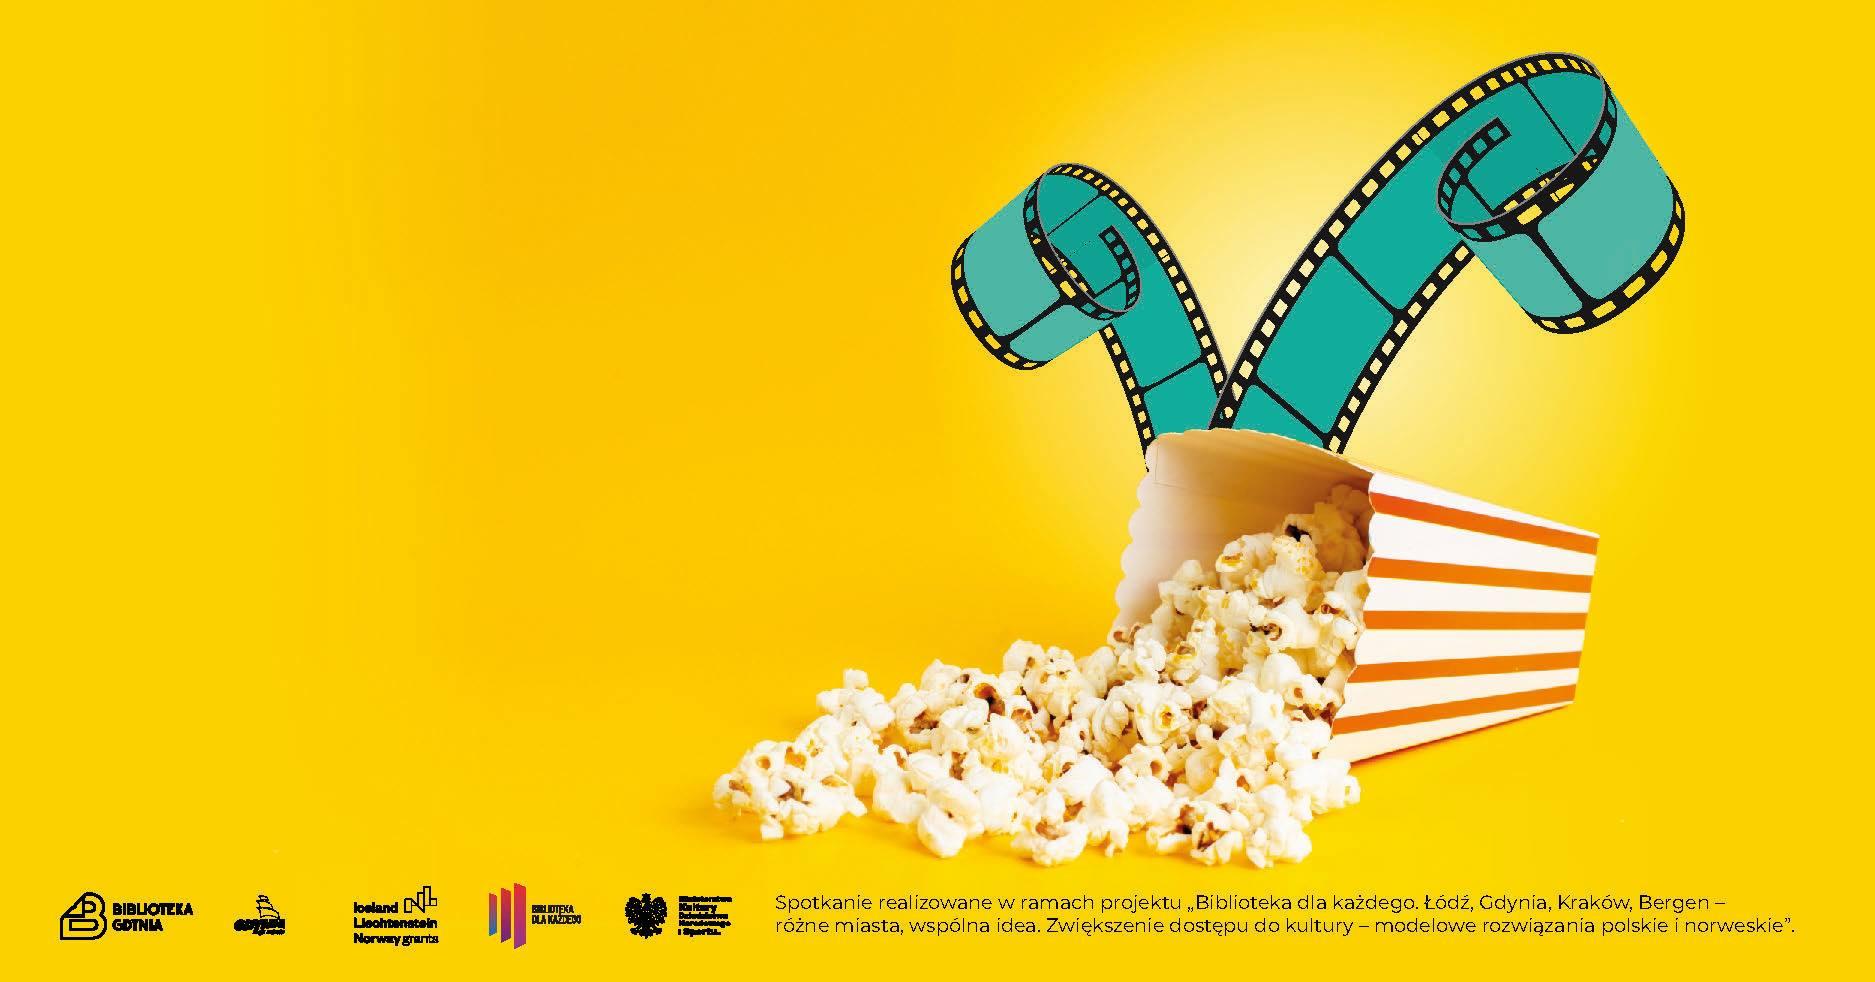 Razem przy popcornie - seans filmowy Biblioteki Gdynia